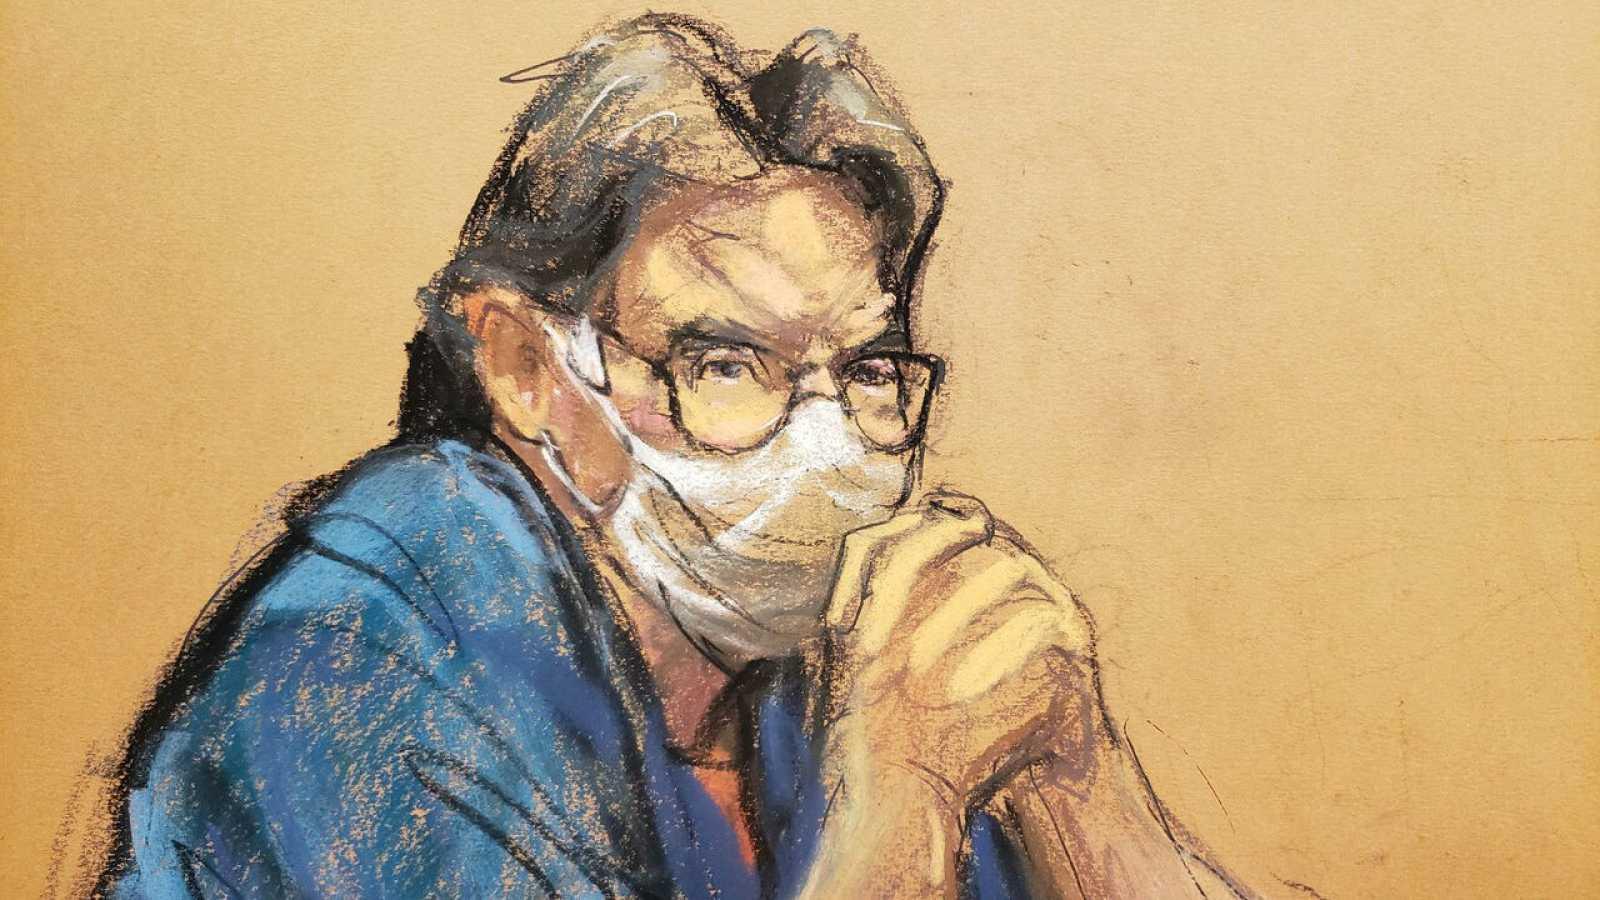 El líder de la secta NXIVM, Keith Raniere, observa durante su audiencia de sentencia en un caso de tráfico sexual y crimen organizado dentro del Tribunal Federal de Brooklyn en Nueva York, EE. UU., Nueva York, EE. UU.